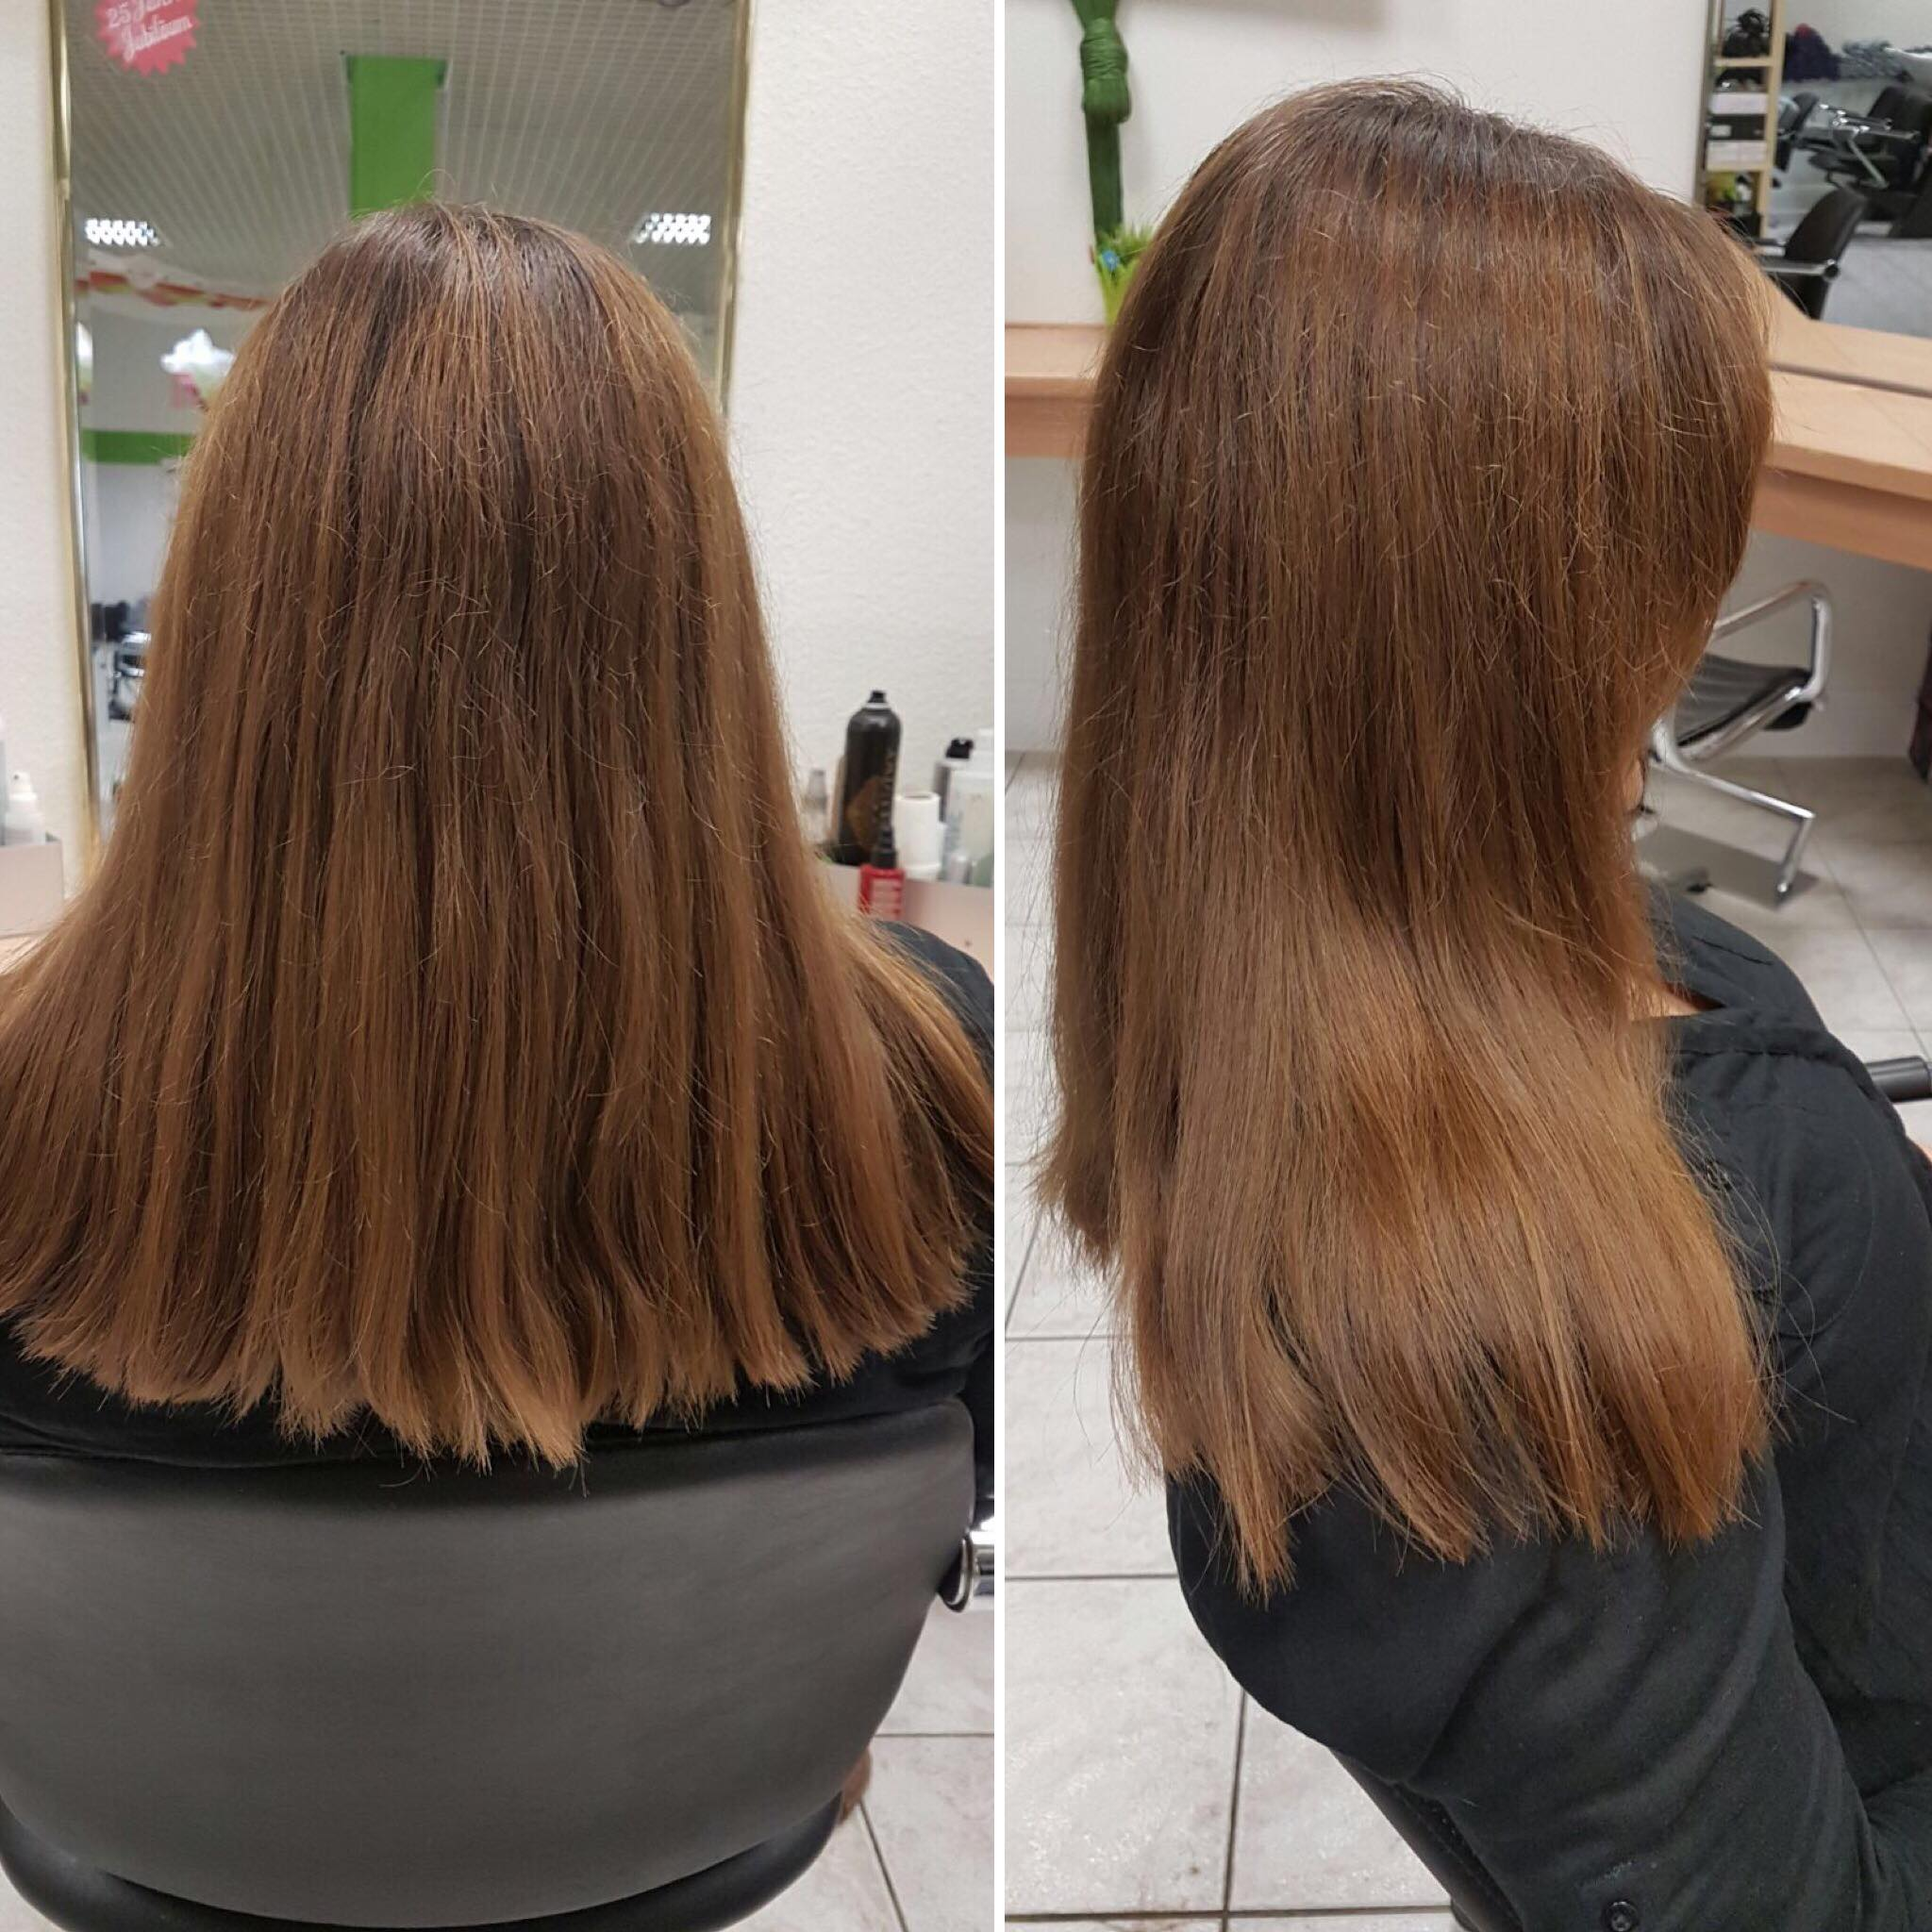 Spliss Away - Haarspliss Vorher Nachher - Friseur in Darmstadt - Sonjas Friseurladen